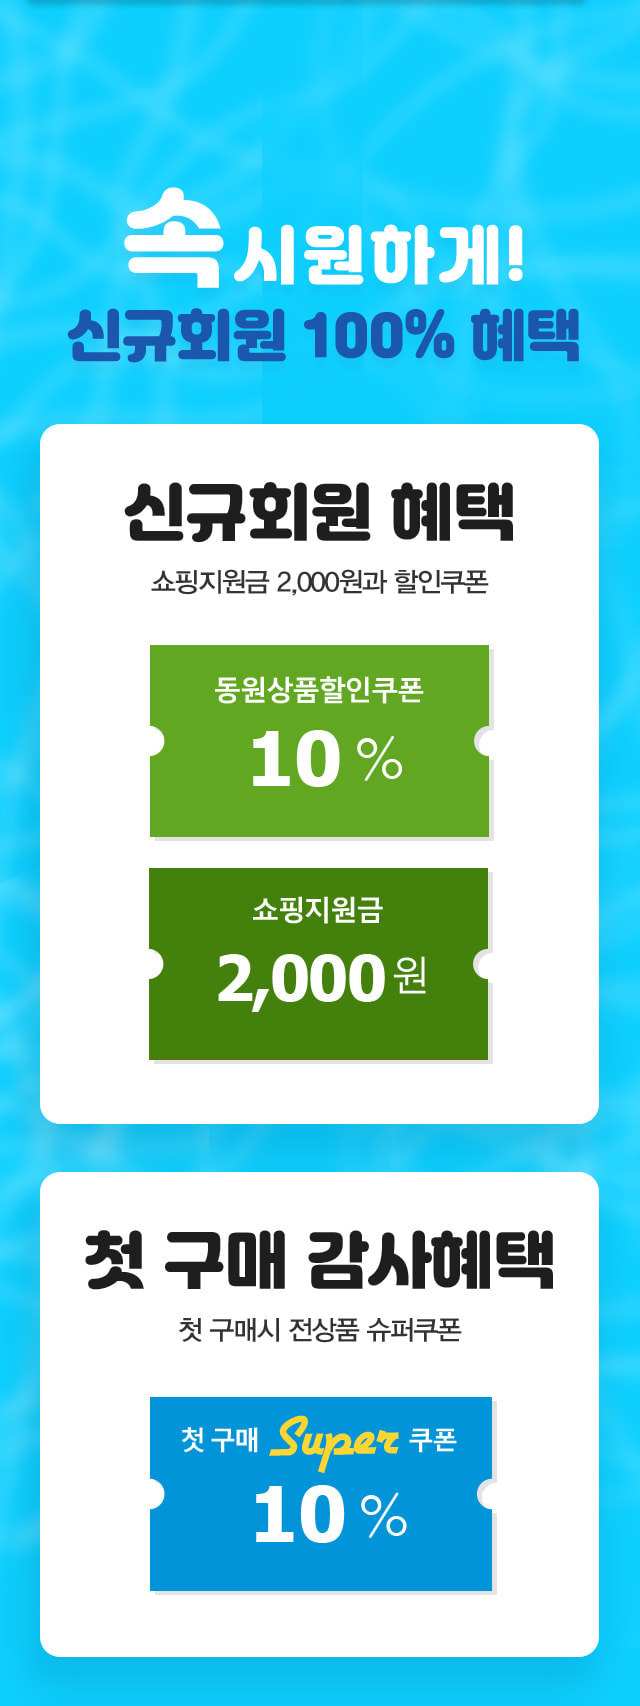 속시원하게 신규회원 100%혜택! 신규회원혜택 쇼핑지원금 2000원과 할인쿠폰, 첫구매 감사혜택 전상품 10%슈퍼쿠폰.